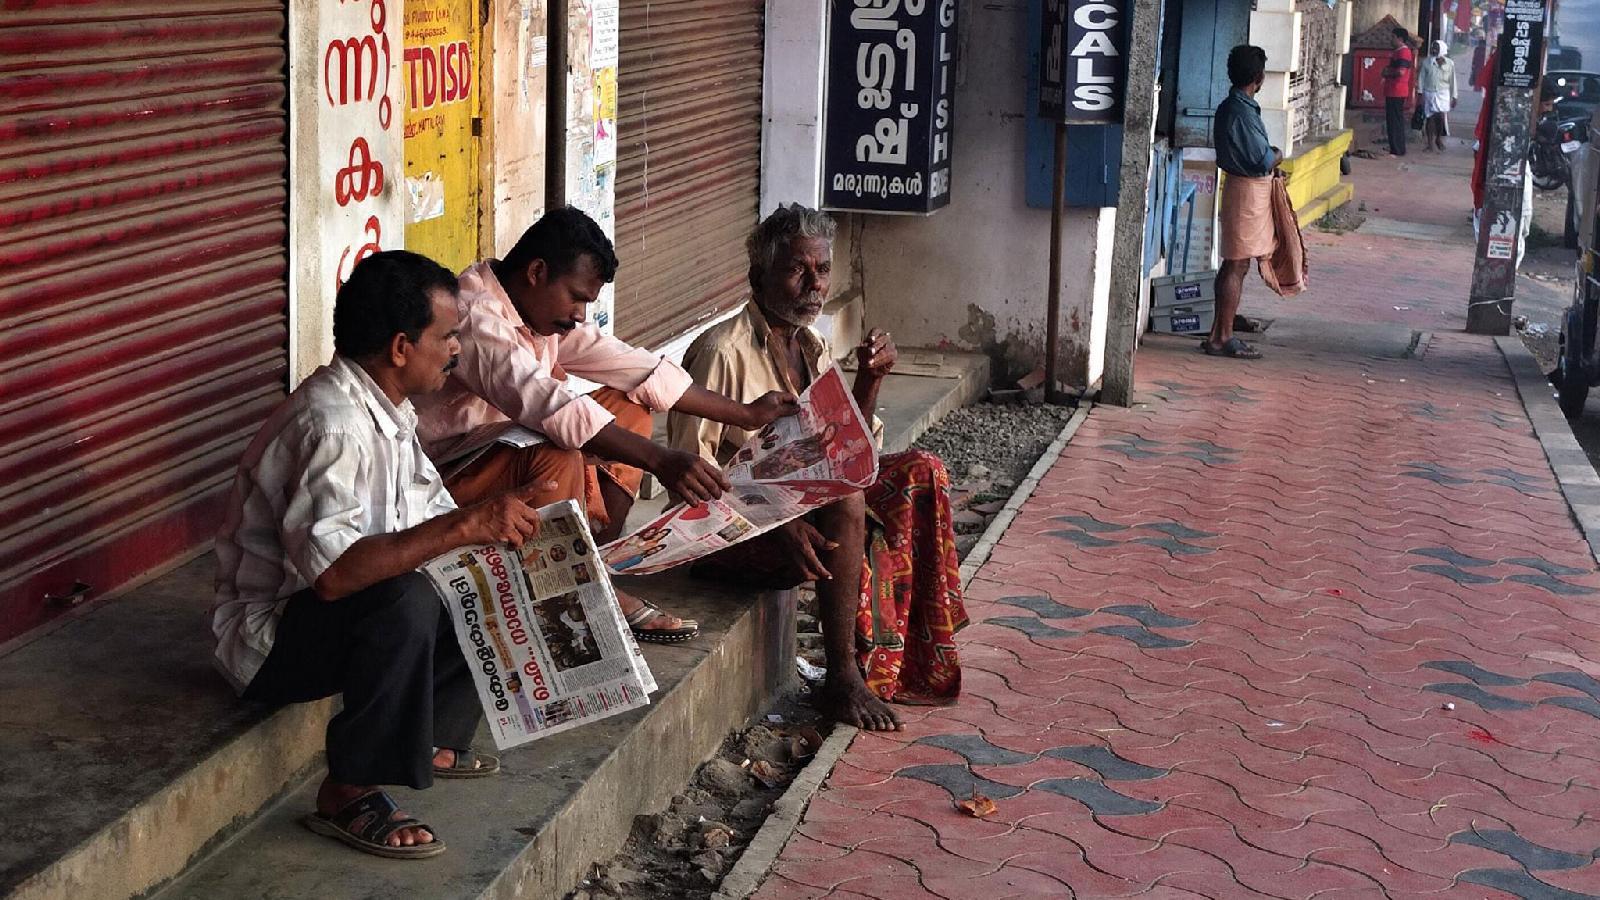 Уровень продаж газет на местных языках остается стабильным. Тиражи англоязычных изданий падают